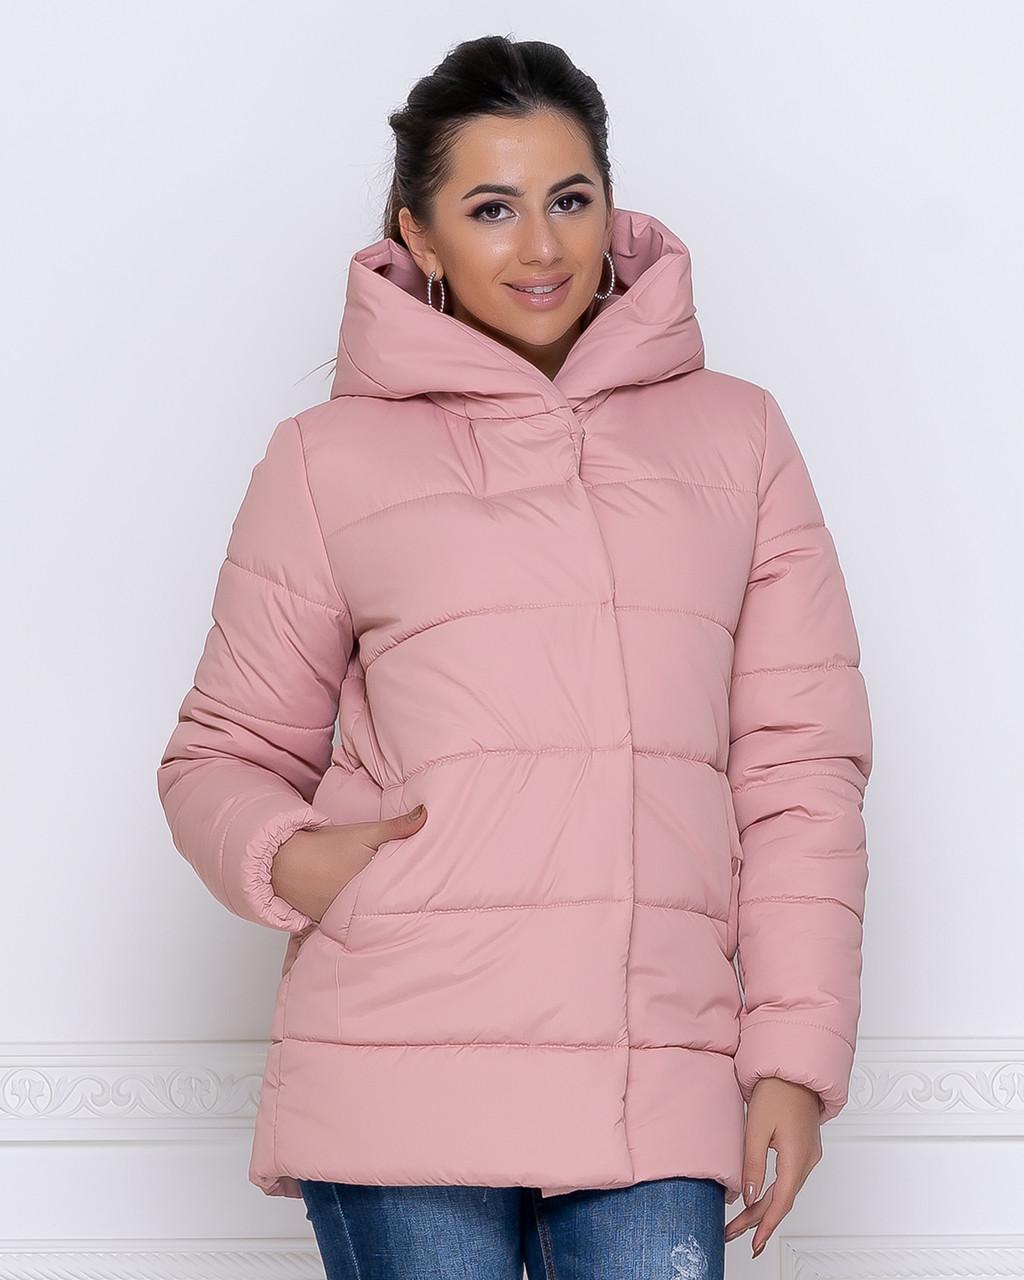 Куртка зимова жіноча пудра коротка з капюшоном 44-50р.